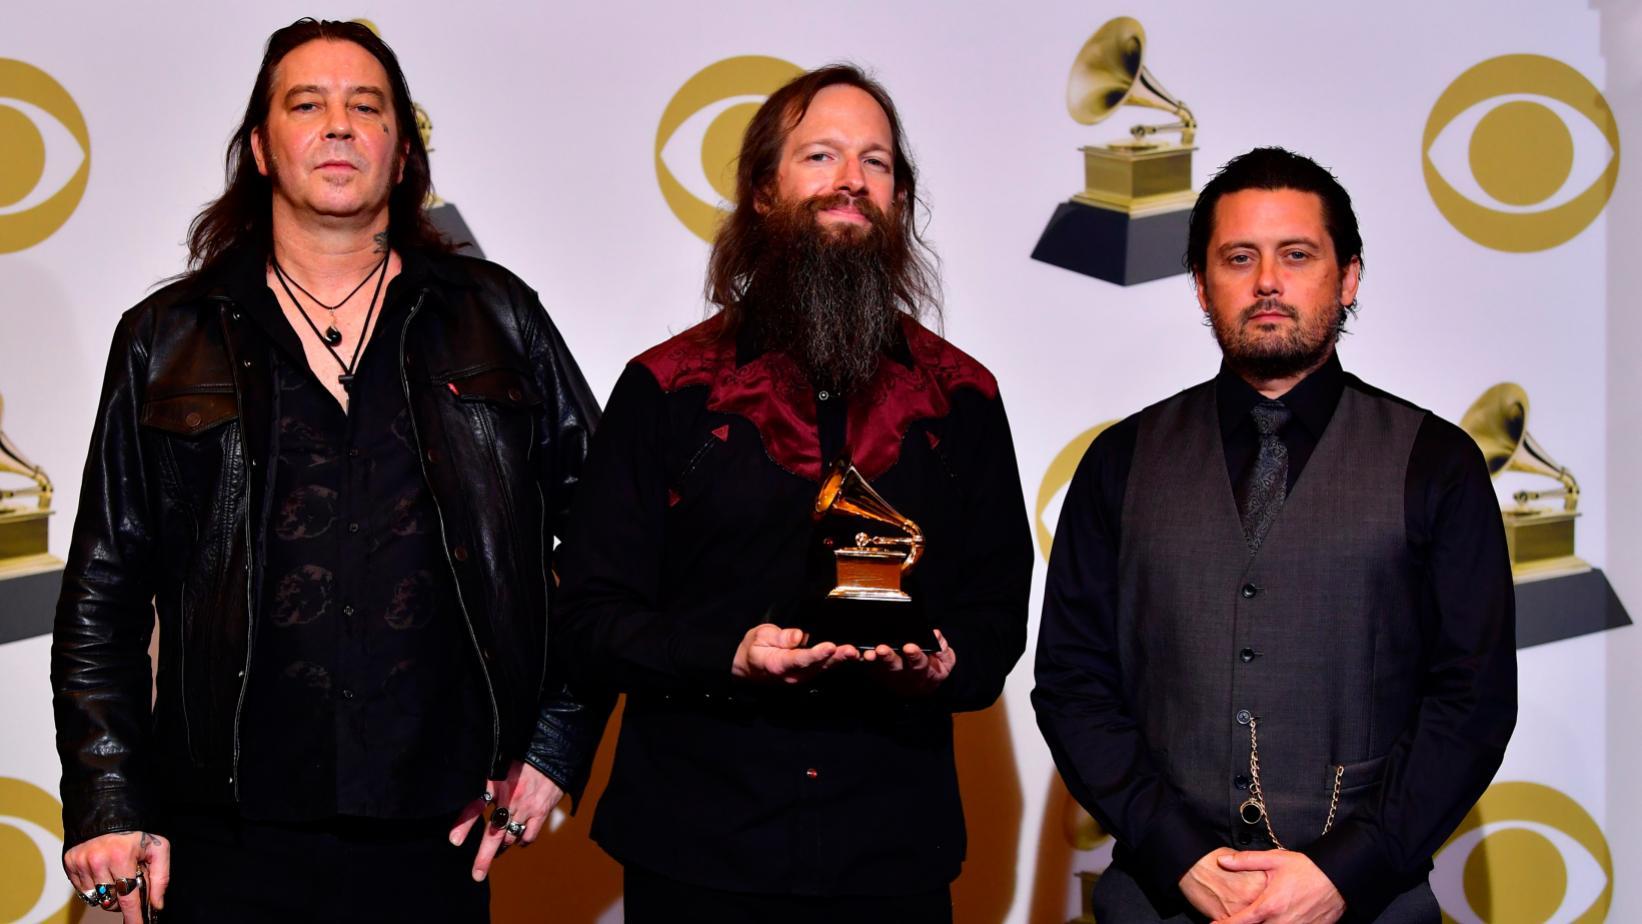 El Rock y el Metal presentes en los Grammy 2019